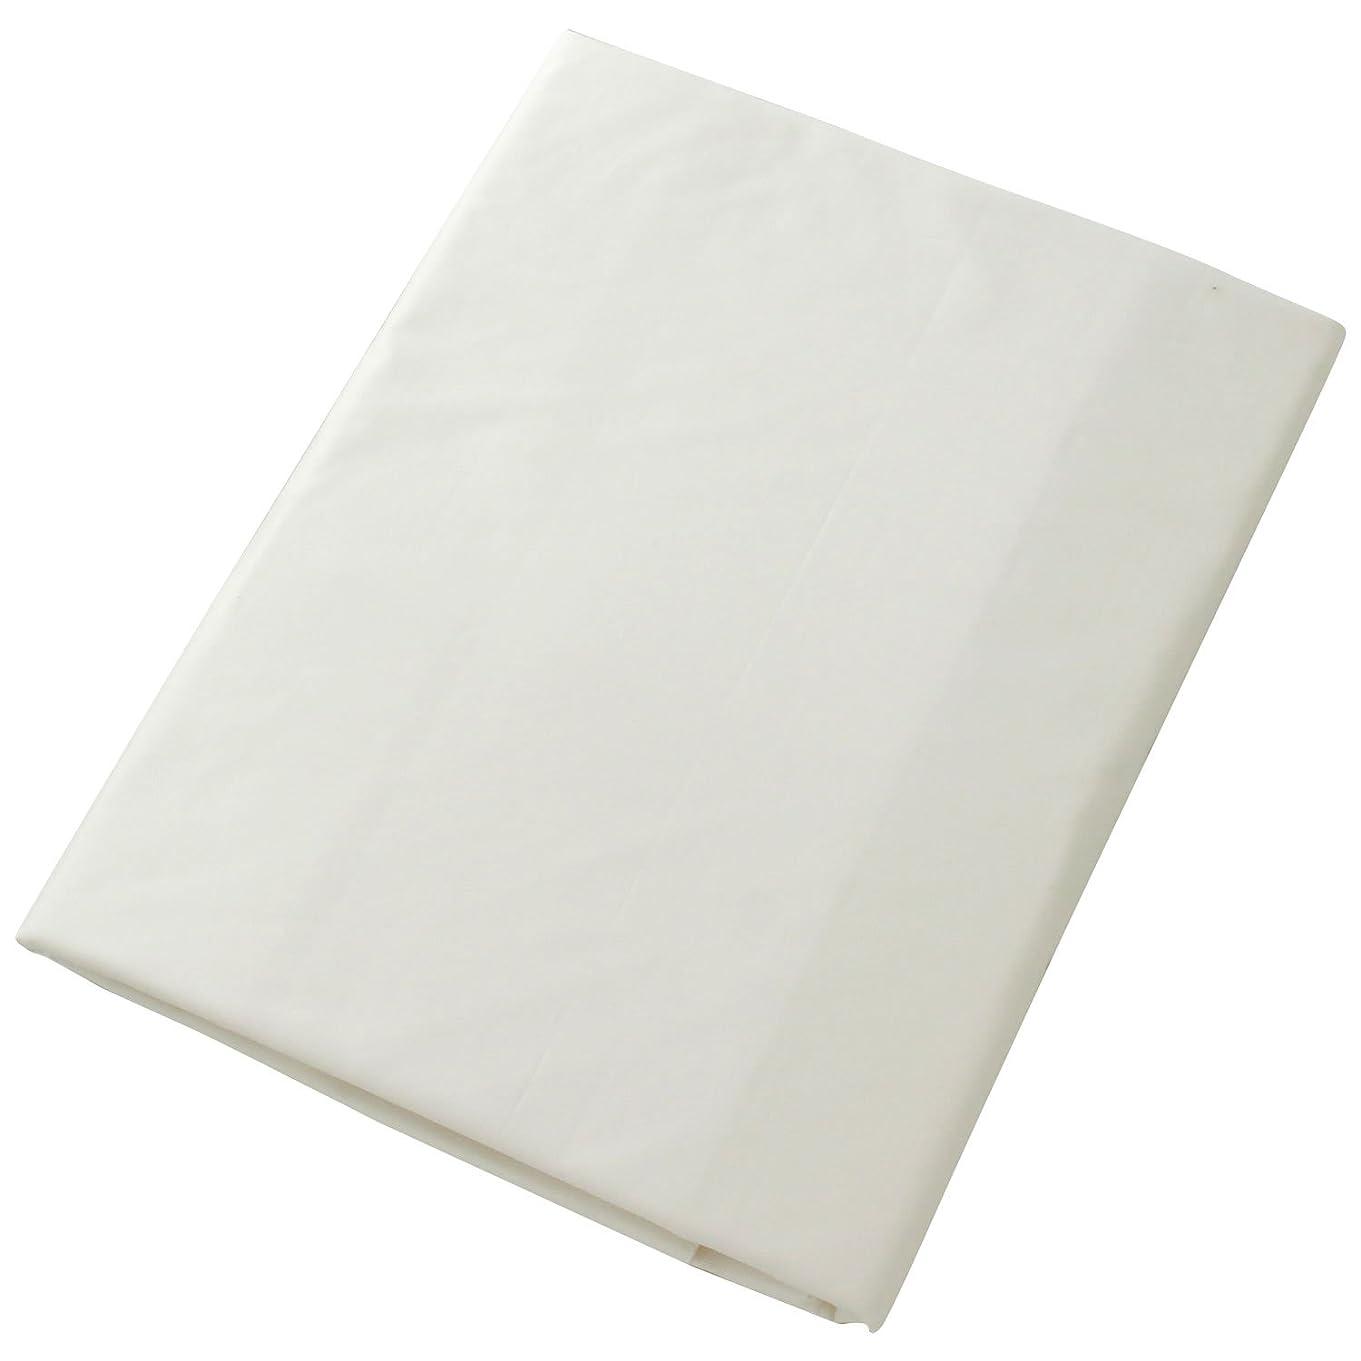 機知に富んだ詩人窒息させる伊藤清商店 ボックスシーツ ピュアホワイト ダブル ボックスシーツパレット